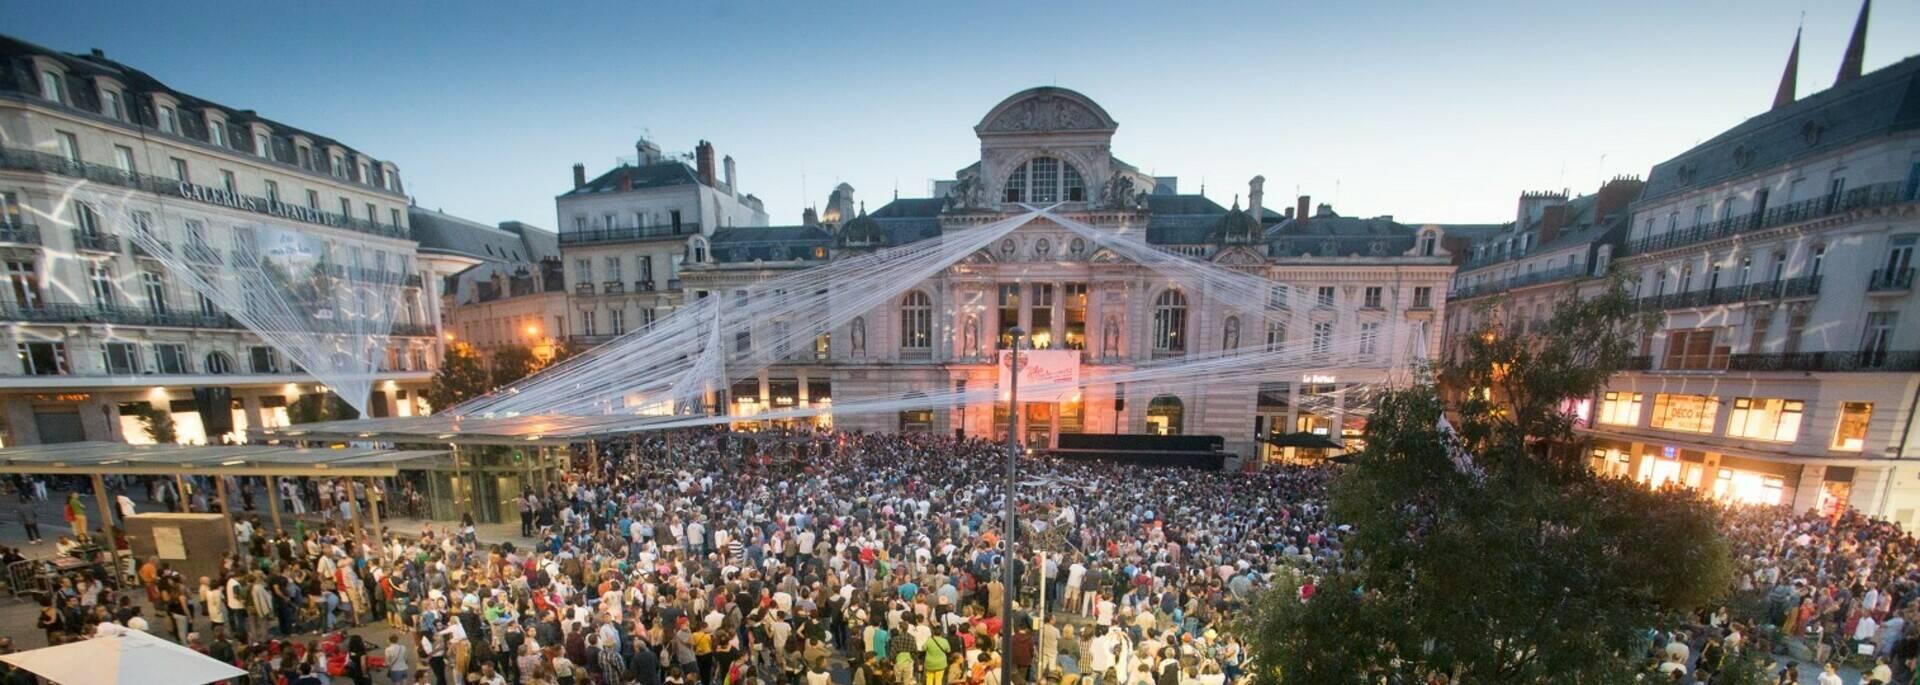 Place du Ralliement, Angers